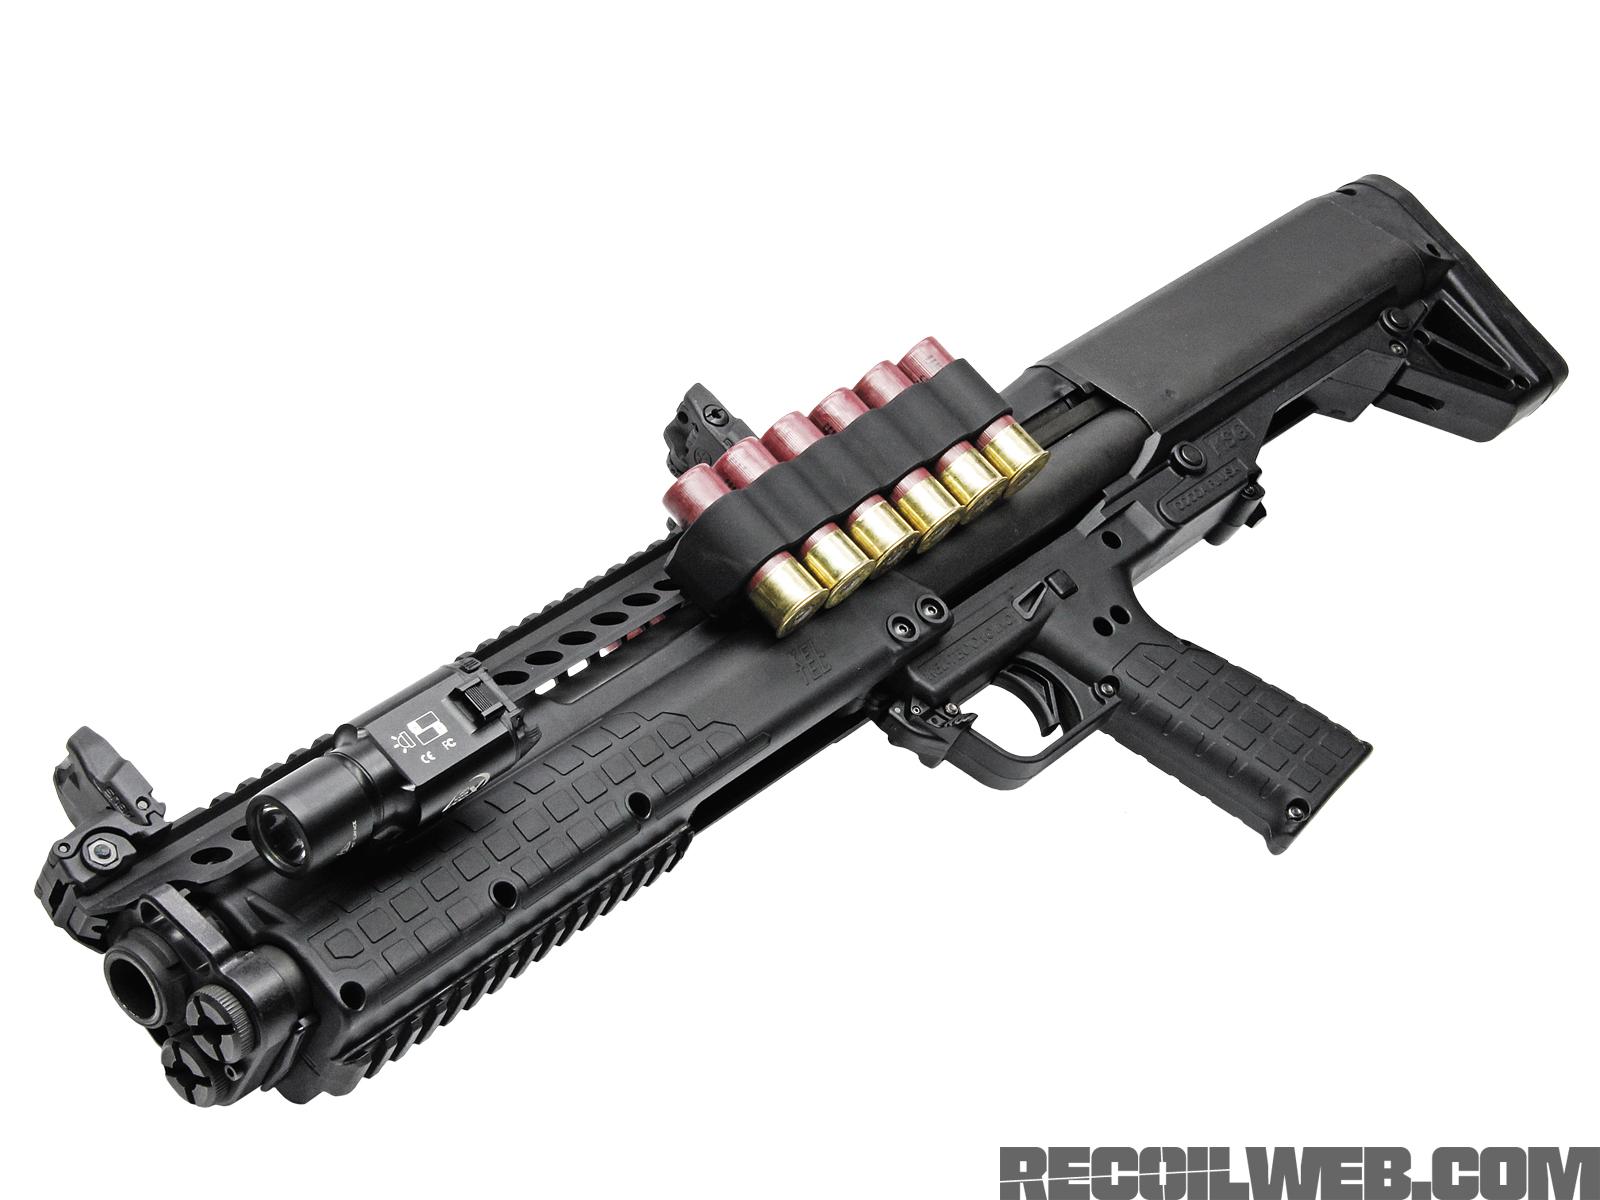 Preview – Mesa Tactical's Kel-Tec KSG